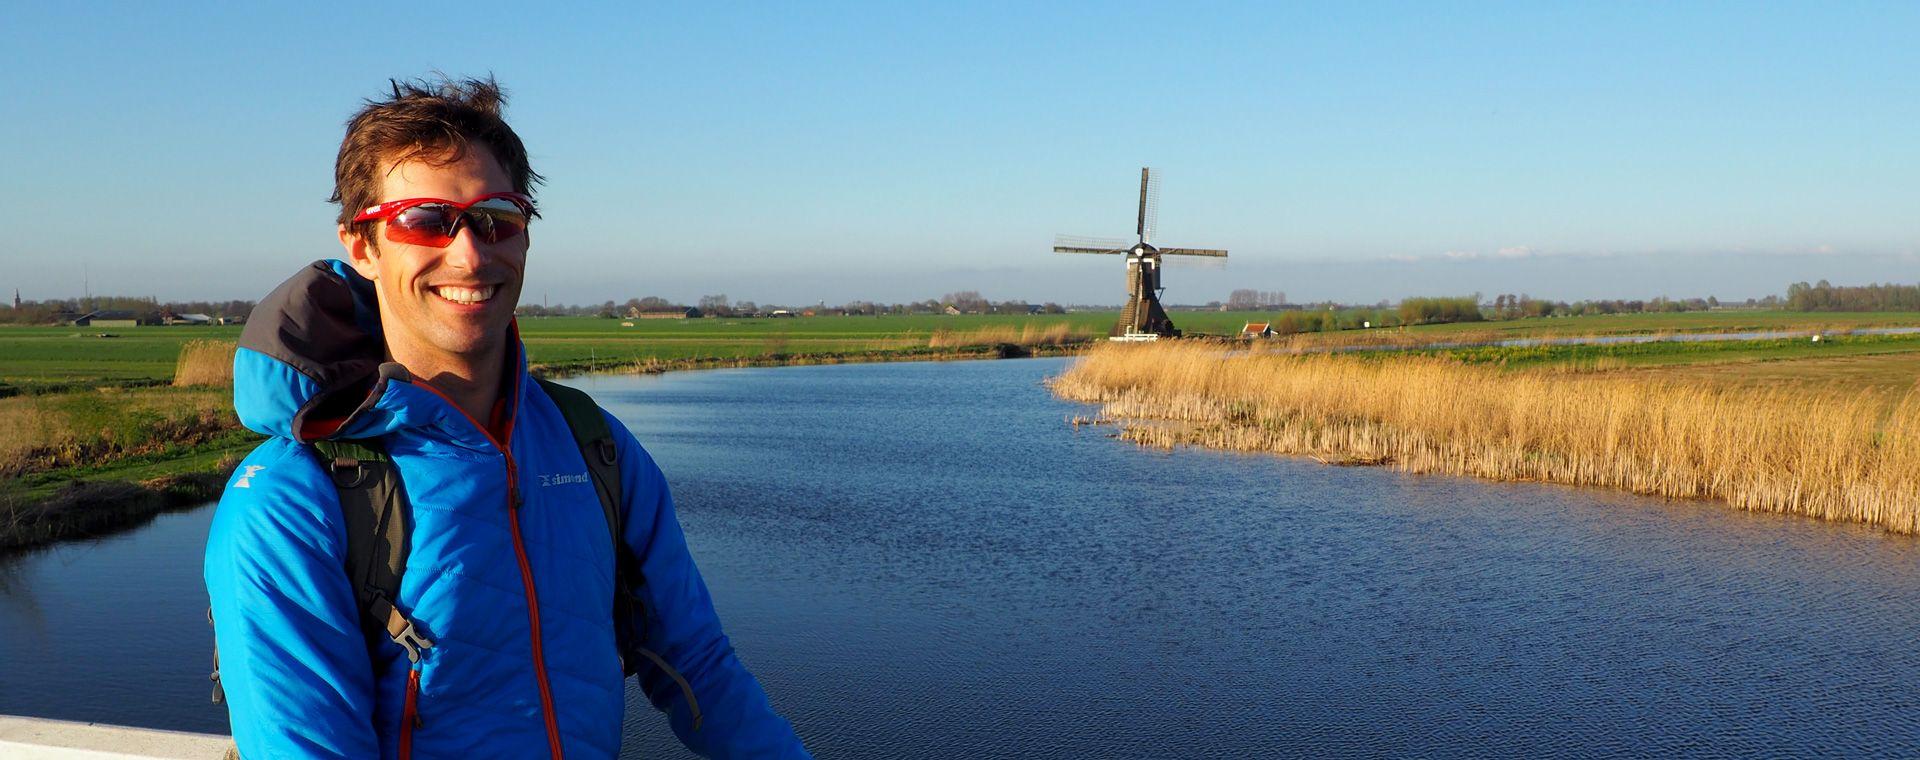 Voyage en véhicule : D\'Amsterdam à Bruges à vélo & bateau, c\'est Magnifique !